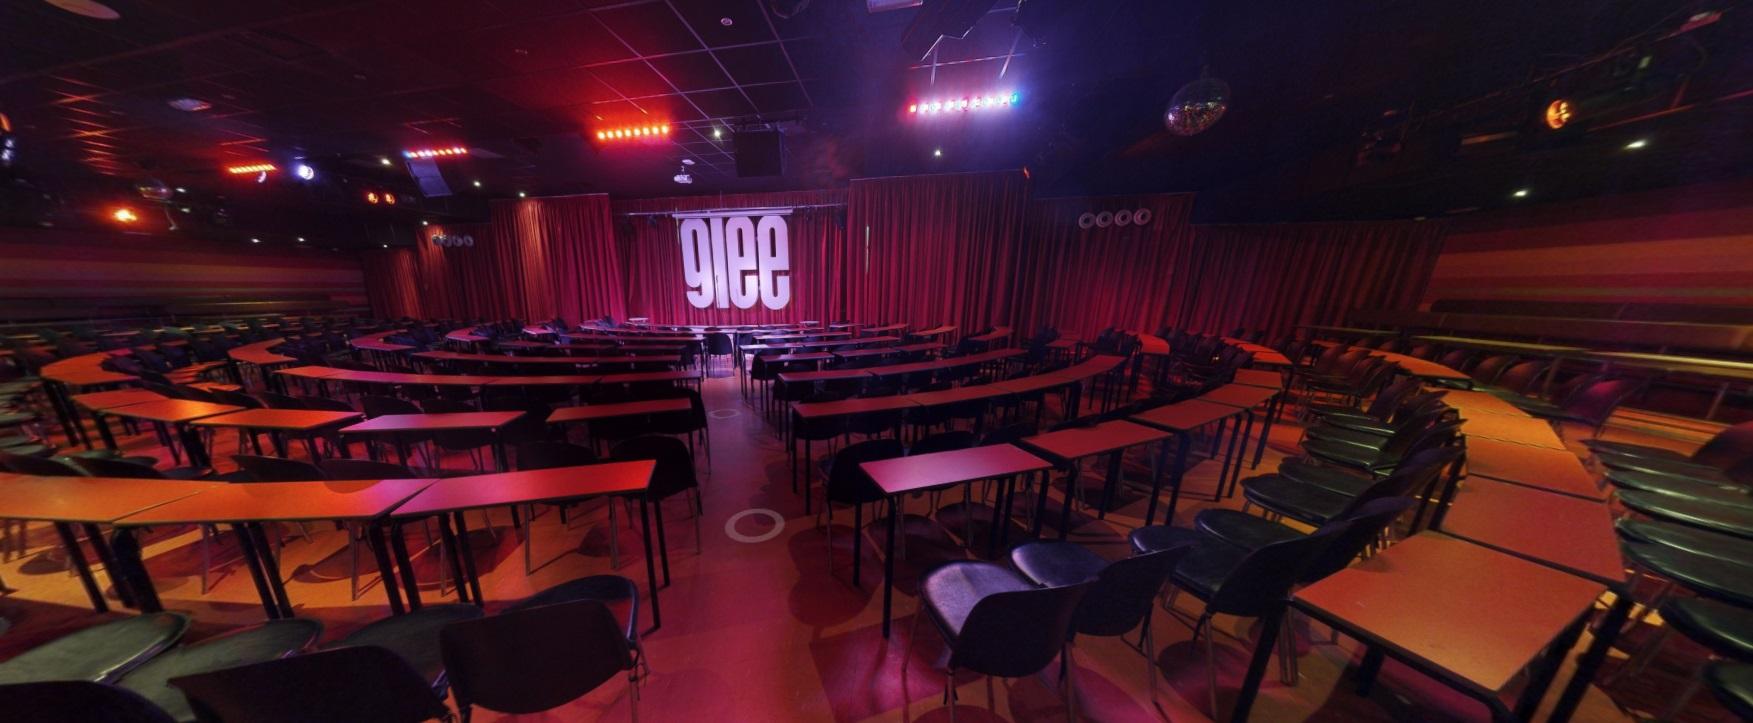 Comedy Club in Cardiff